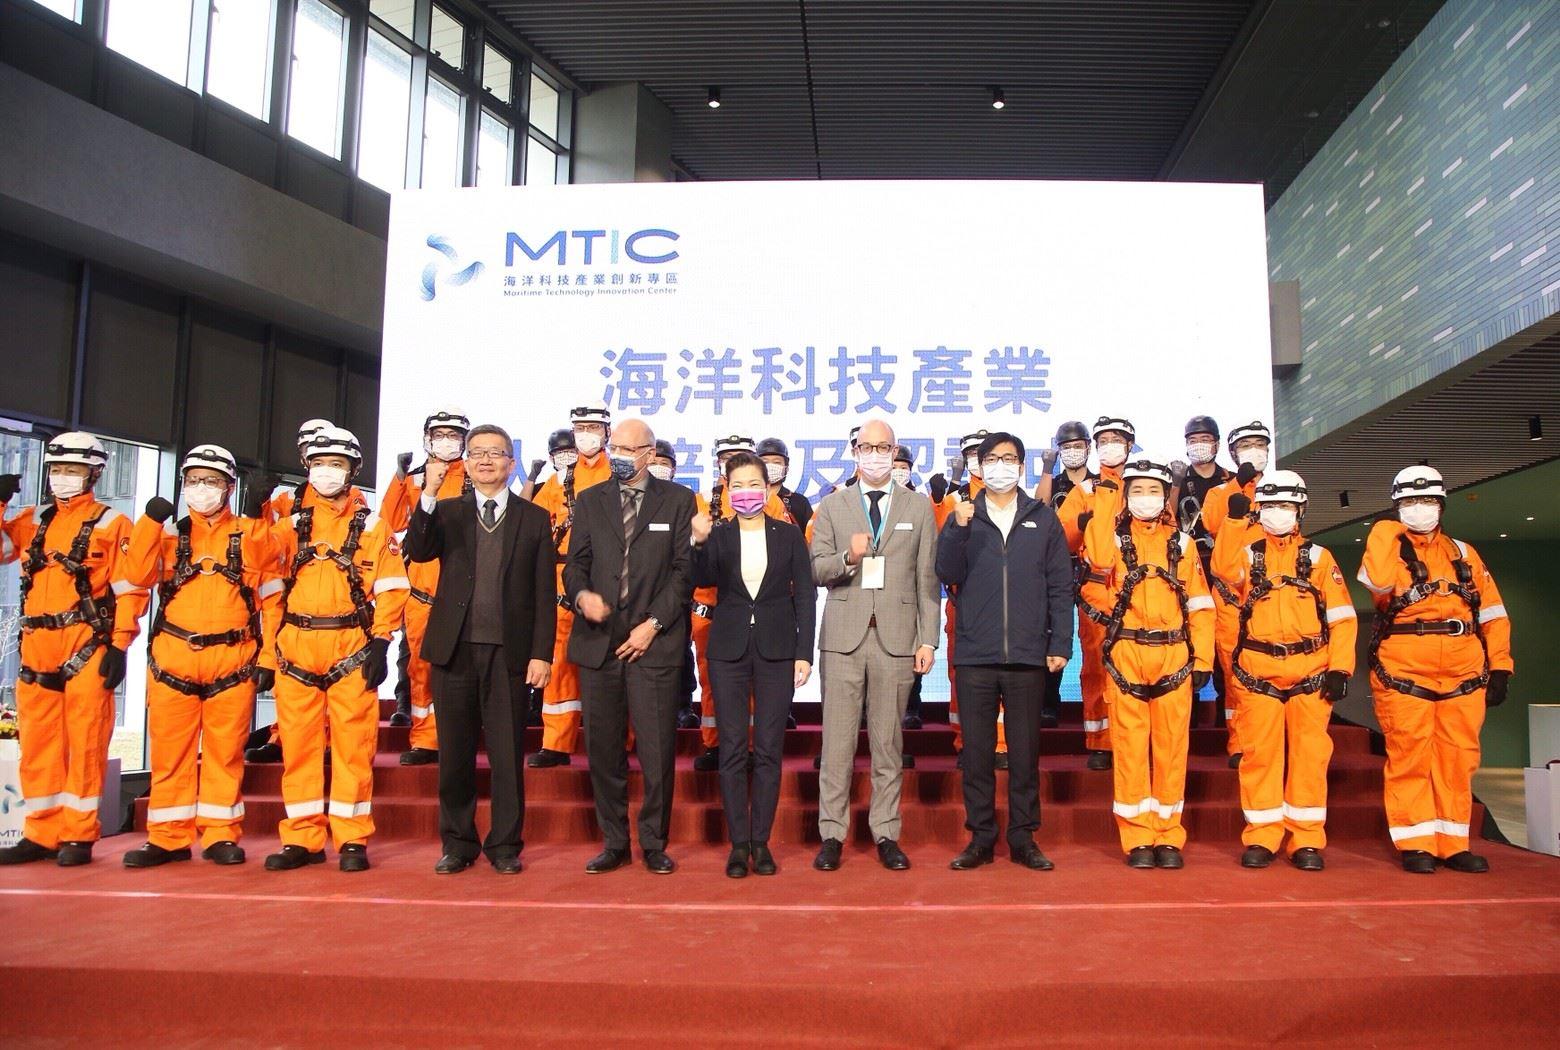 海洋科技產業創新專區啟用暨開訓典禮_210111_20.jpg